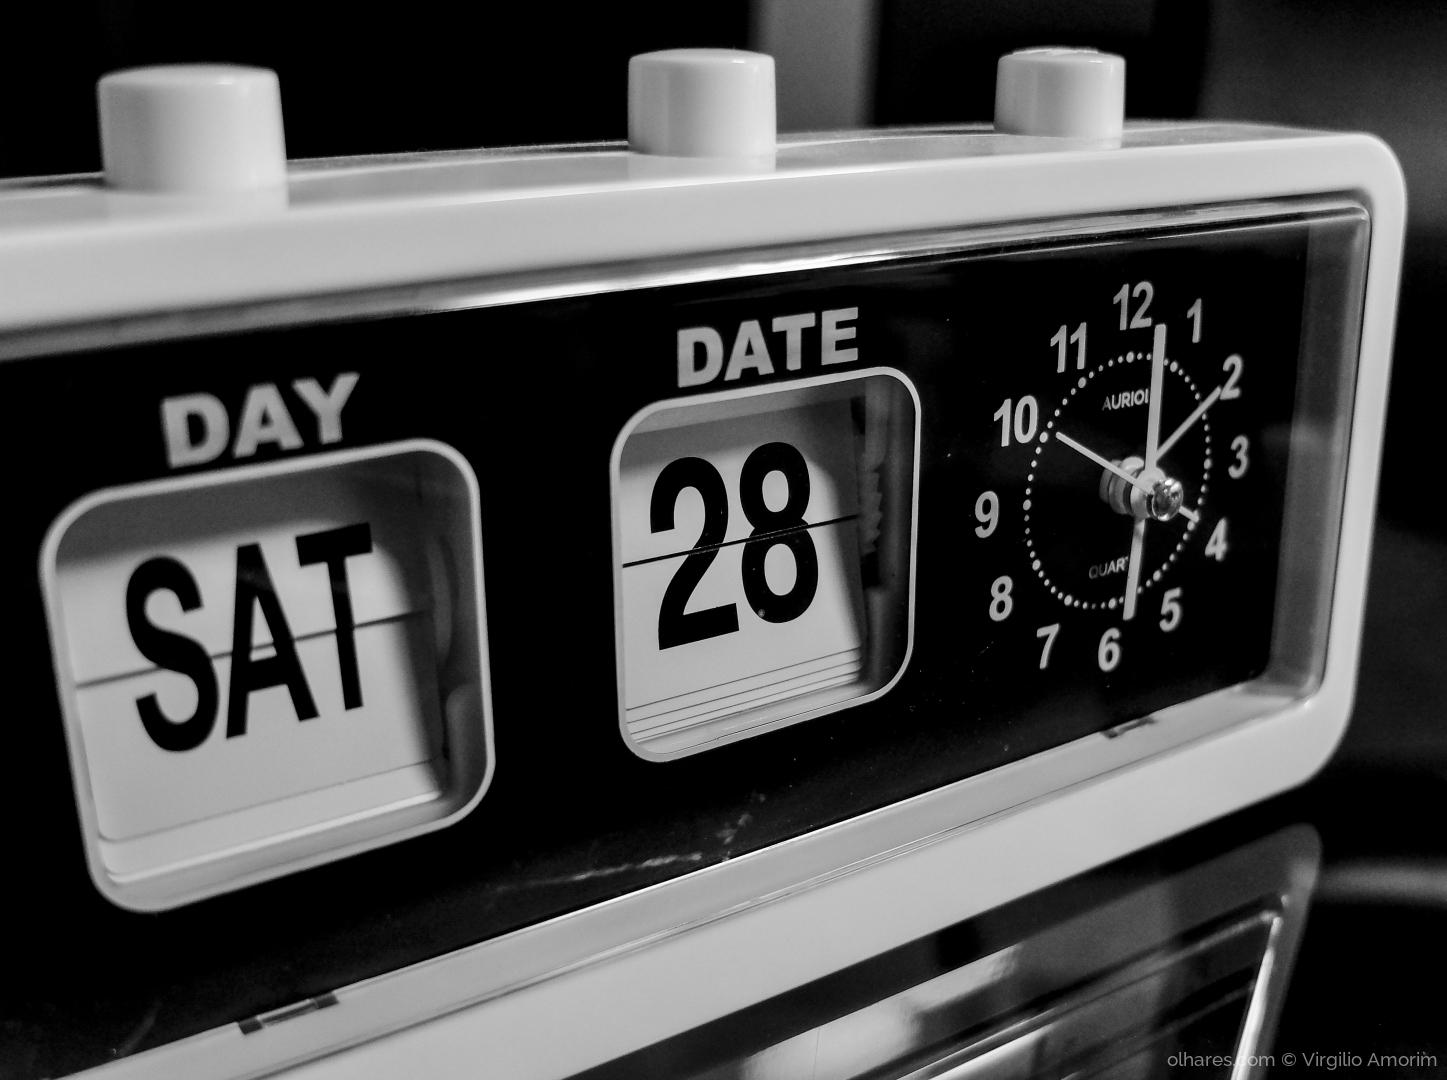 Macro/06:00 ou 18:00 horas - uma questão de perspectiva